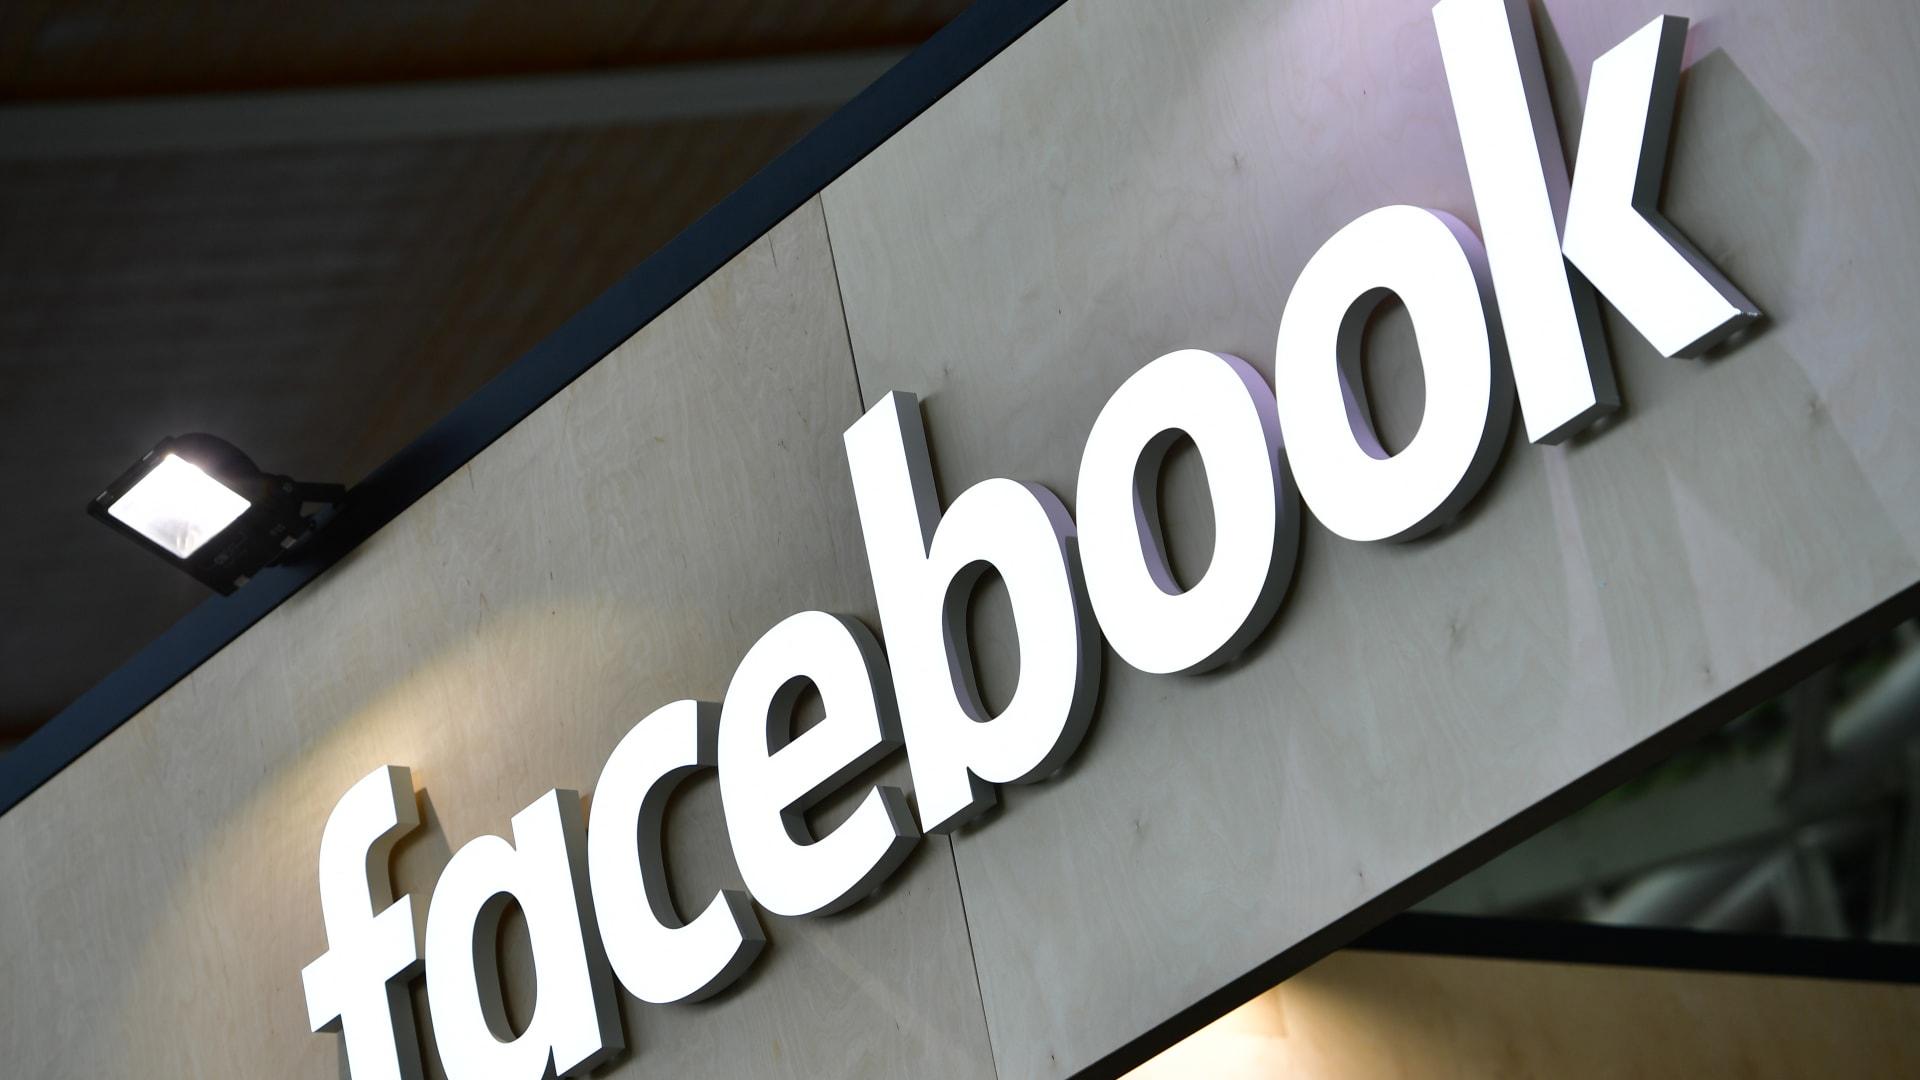 بعد رفض محكمة فيدرالية شكوى مكافحة الاحتكار.. قيمة فيسبوك السوقية تبلغ ترليون دولار لأول مرة